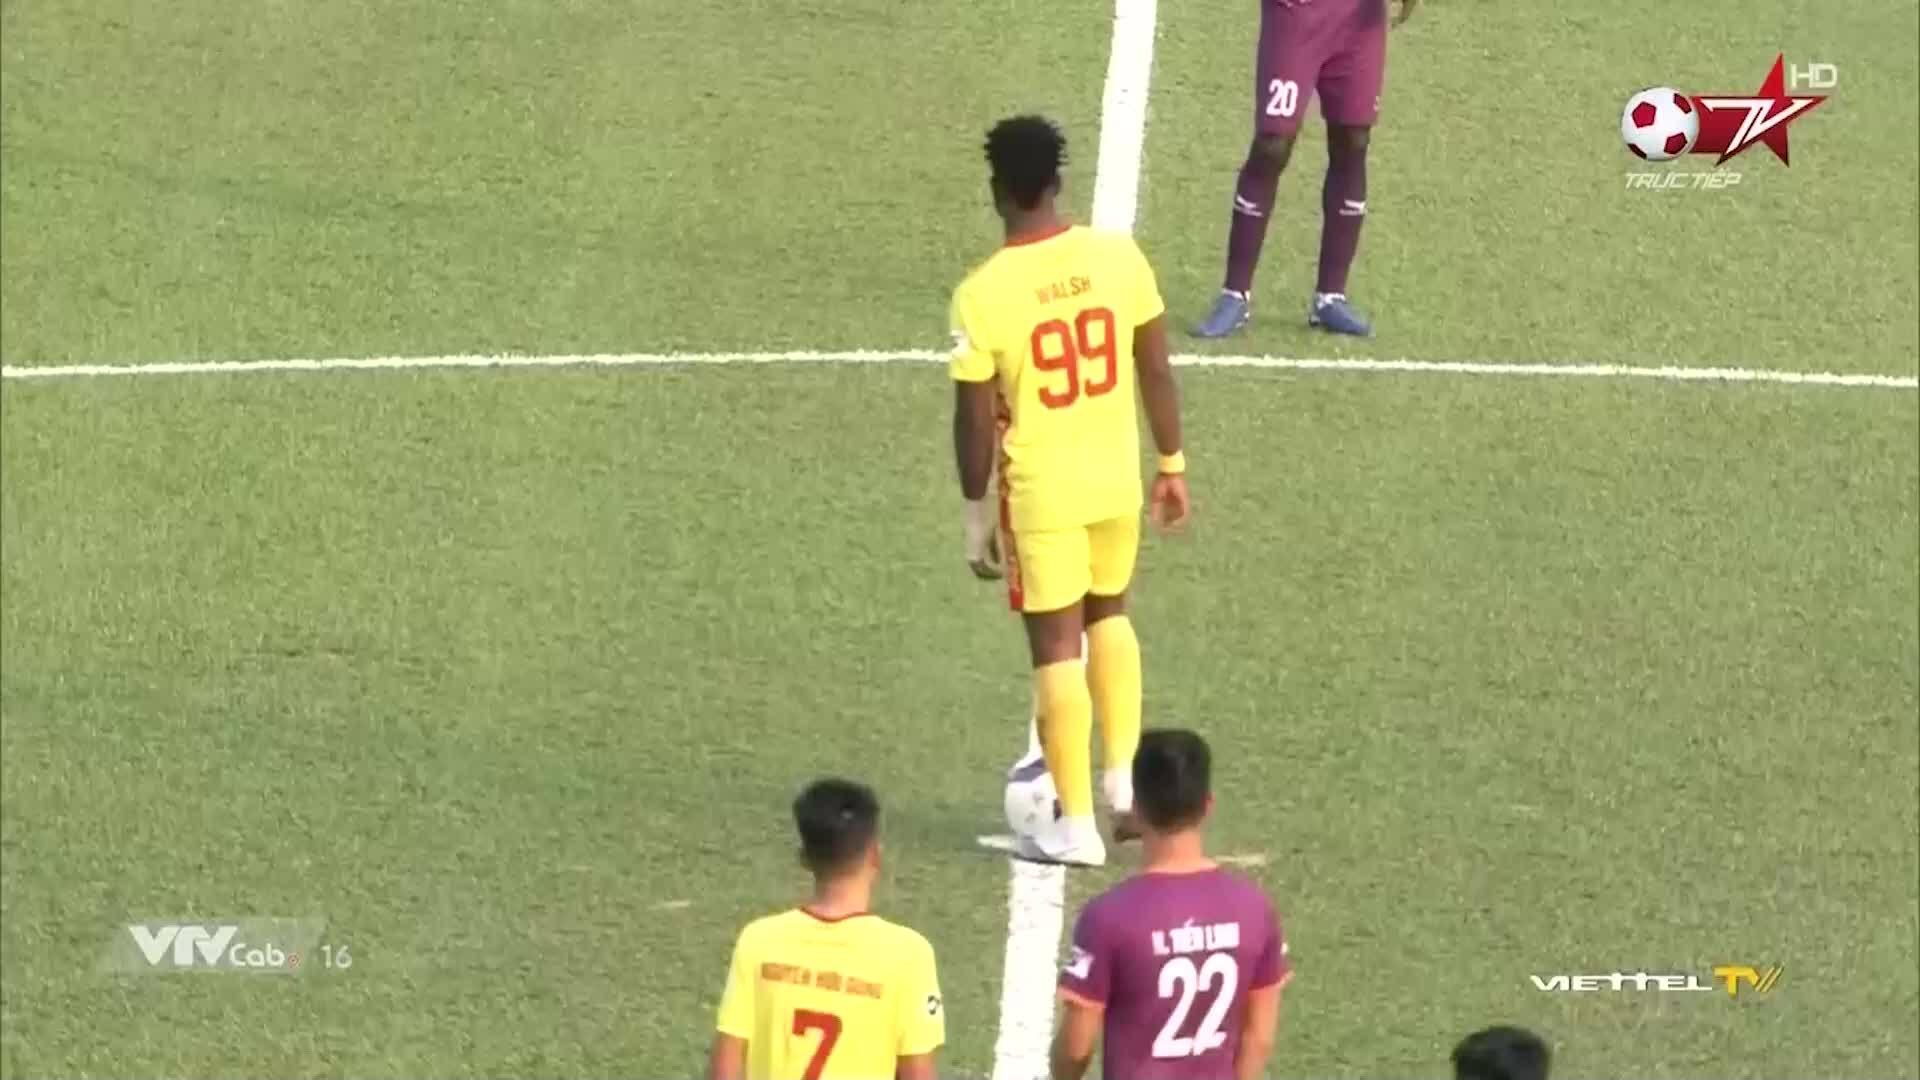 บินห์เดือง 1-0 Thanh Hoa